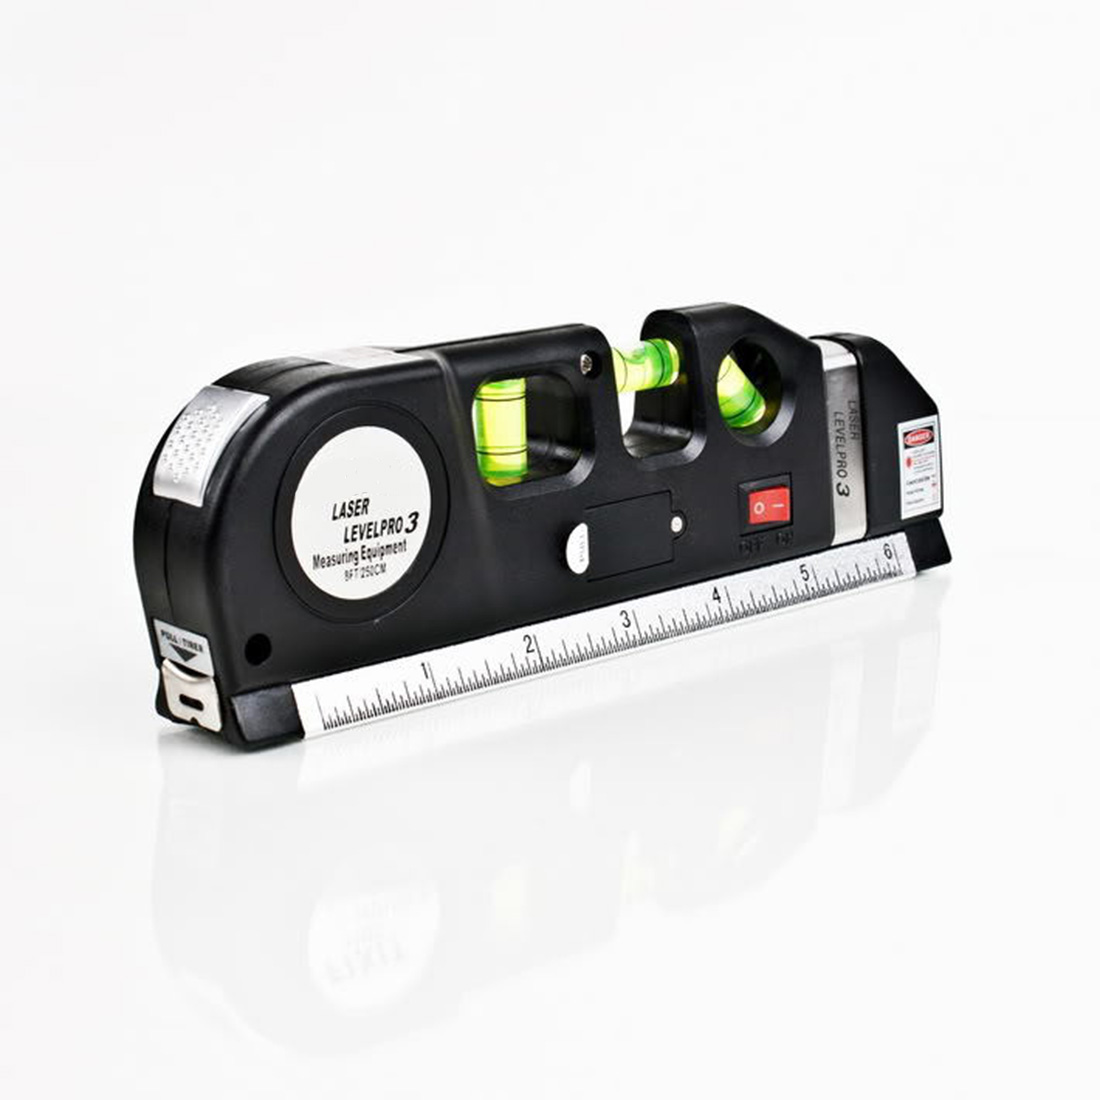 Multipurpose Level Laser Horizon Vertical Measure Tape 8FT Aligner Bubbles Ruler Tool Multipurpose Measure Level Laser